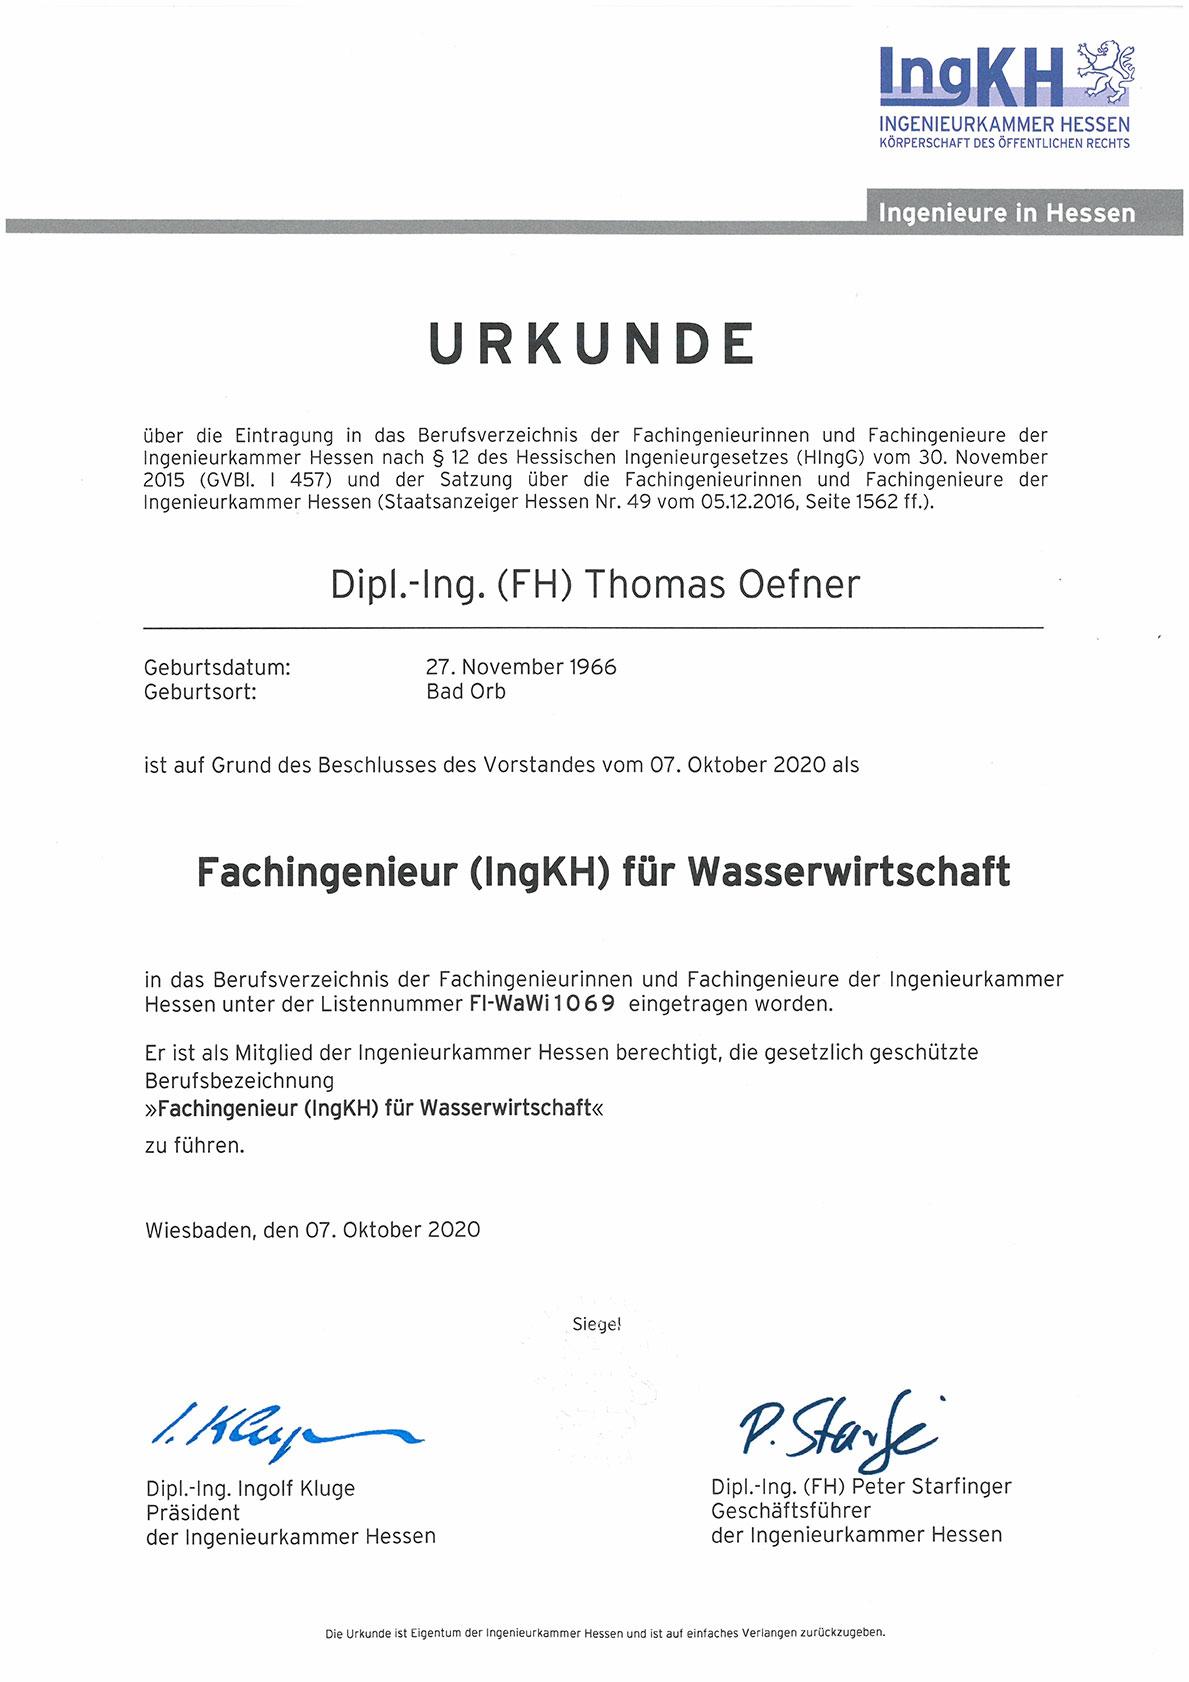 Urkunde Fachingenieure (IngKH) für Wasserwirtschaft Nr. FI-WaWi1069